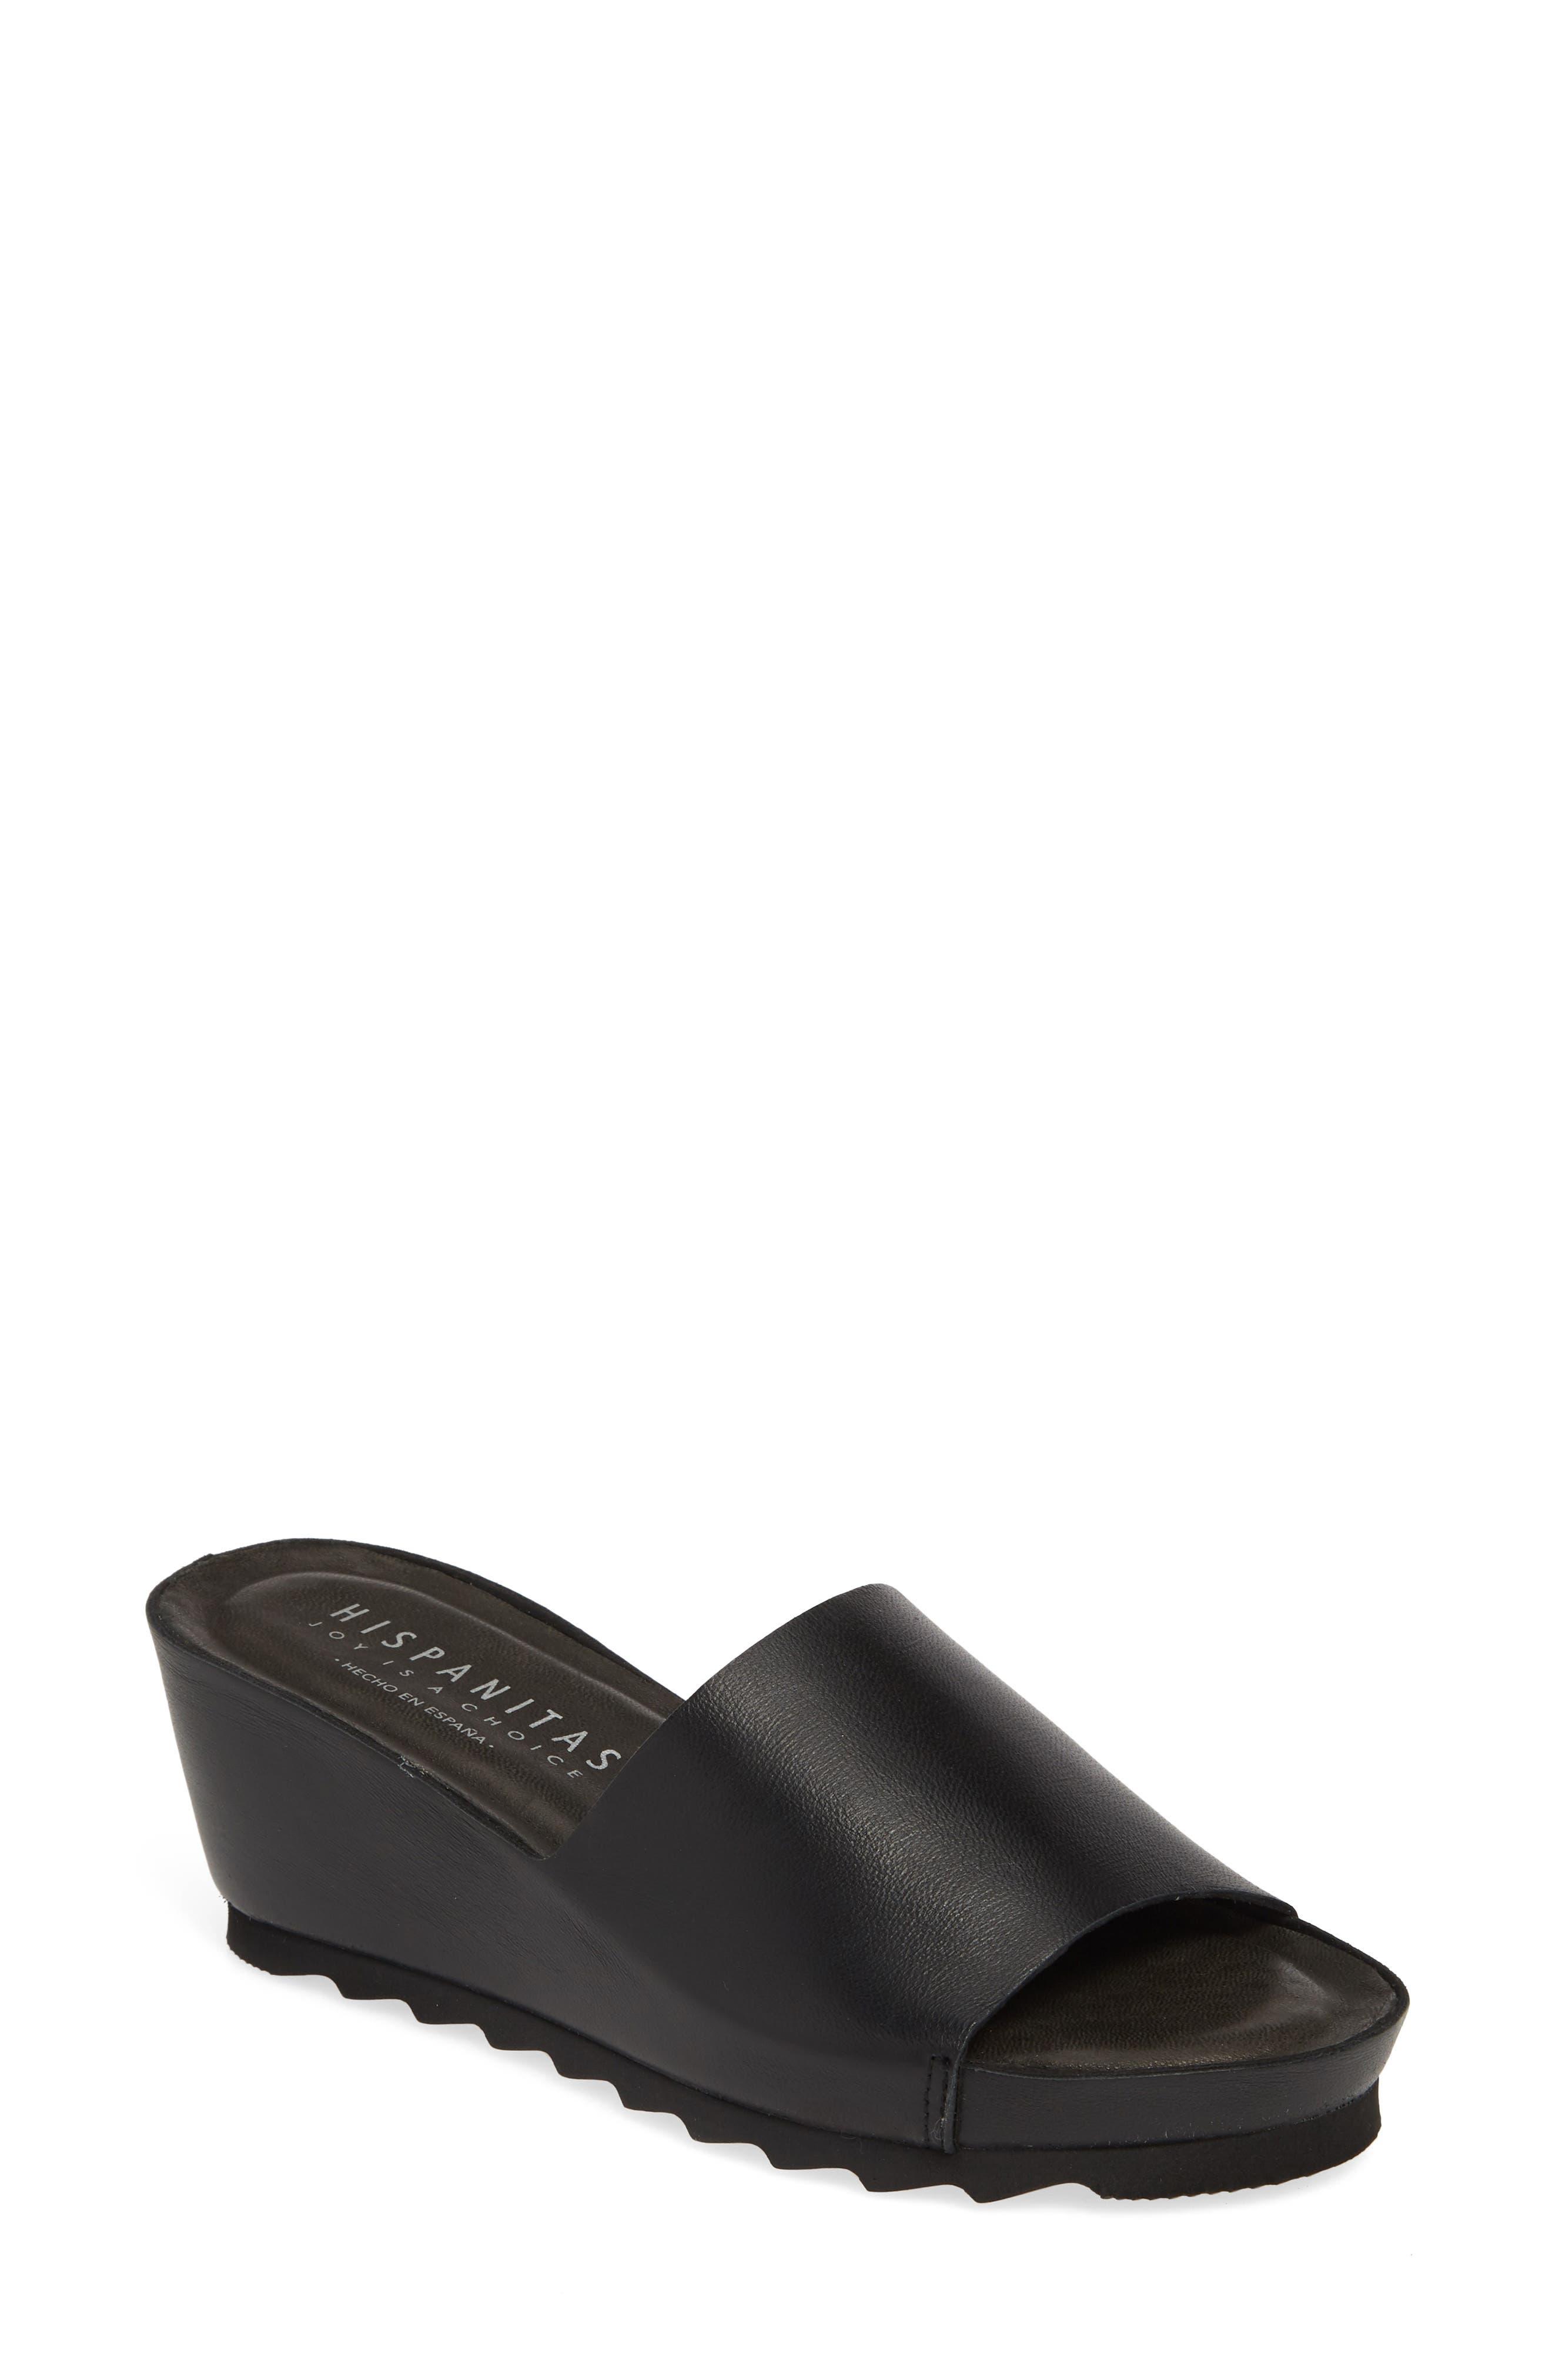 HISPANITAS, Vega Slide Sandal, Main thumbnail 1, color, BLACK LEATHER